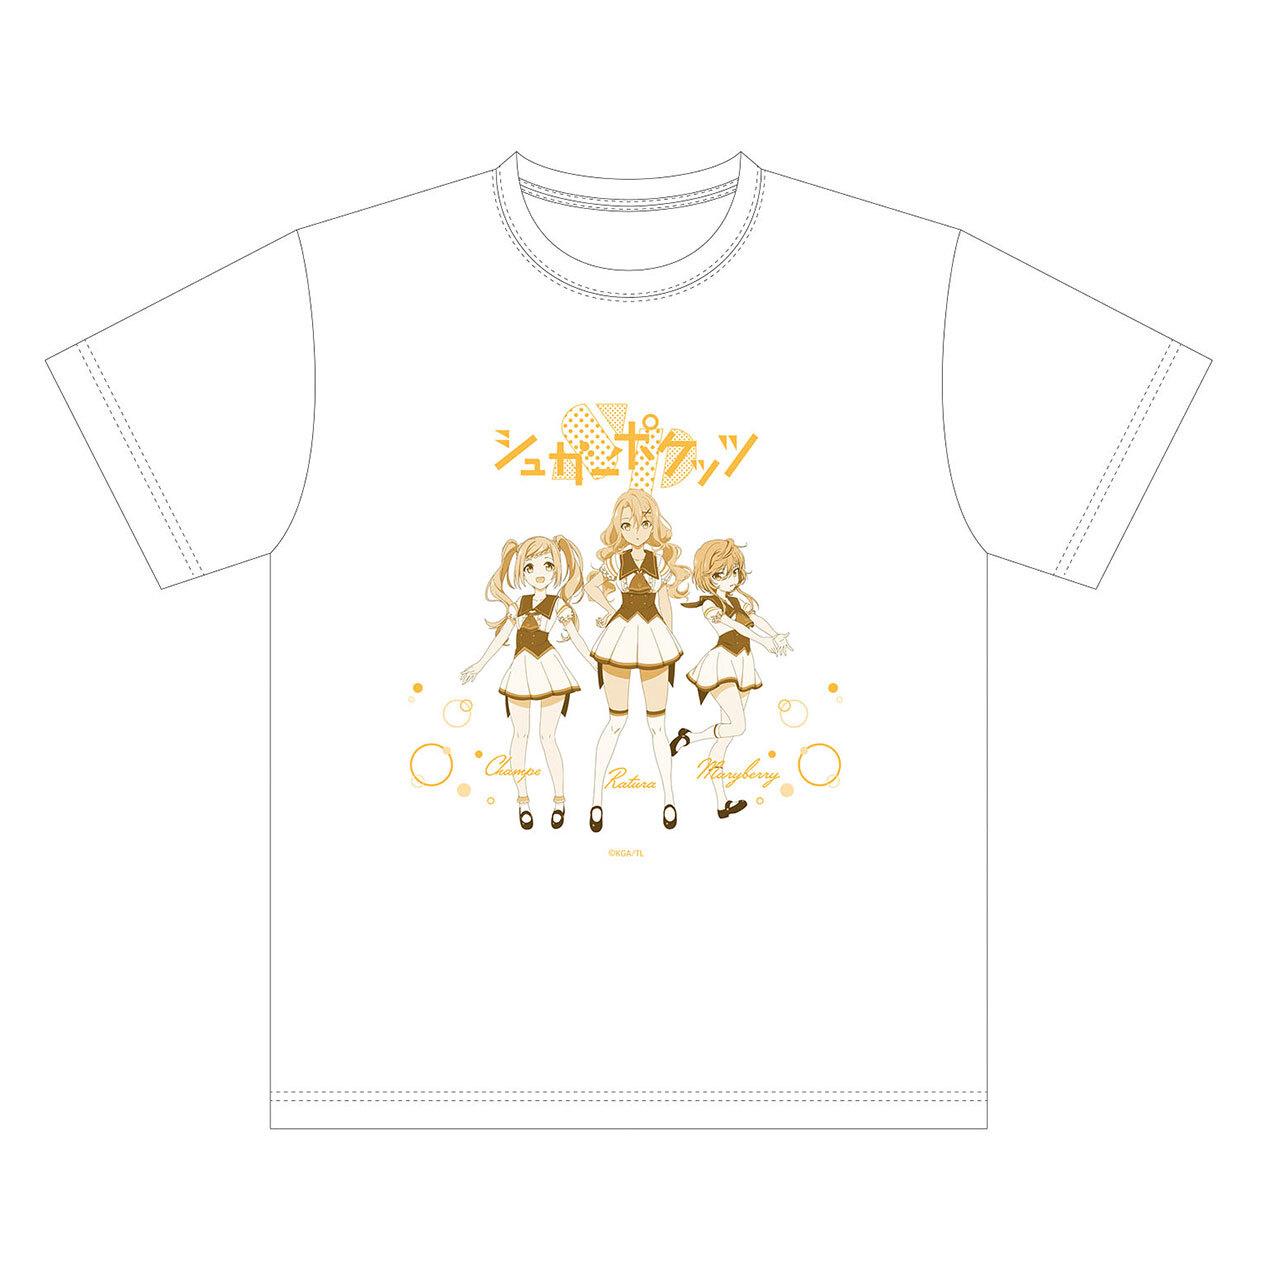 【4589839354578予】ラピスリライツ シュガーポケッツ Tシャツ 白/XLサイズ